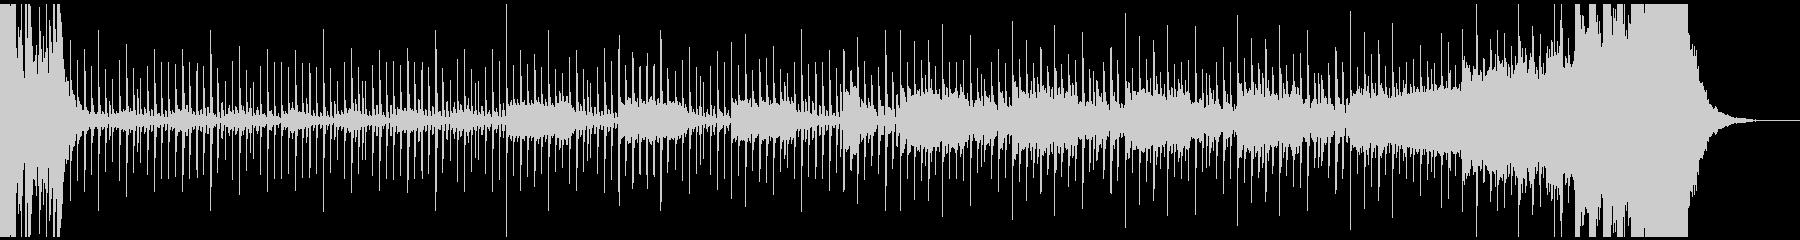 クイズシンキングタイムSE60秒タイプの未再生の波形